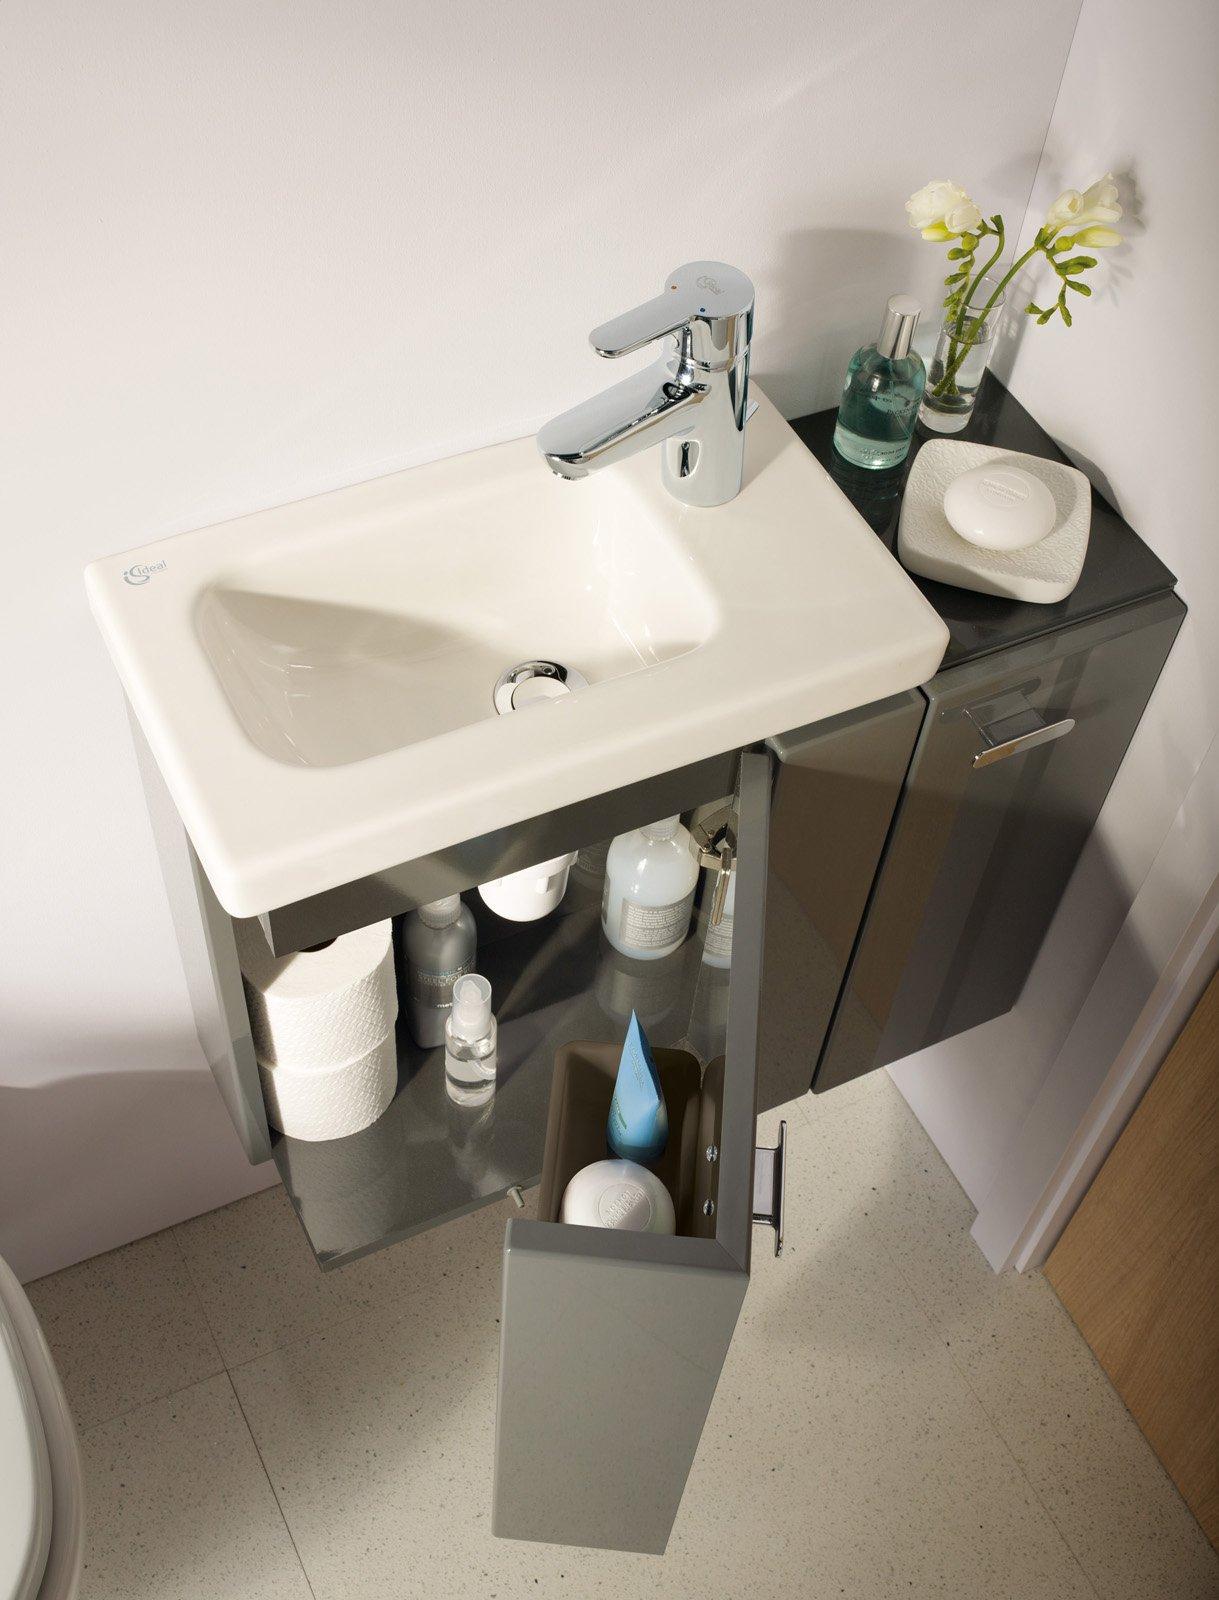 Casabook immobiliare bagno piccolo arredo componibile e - Mobile sottolavabo bagno ...